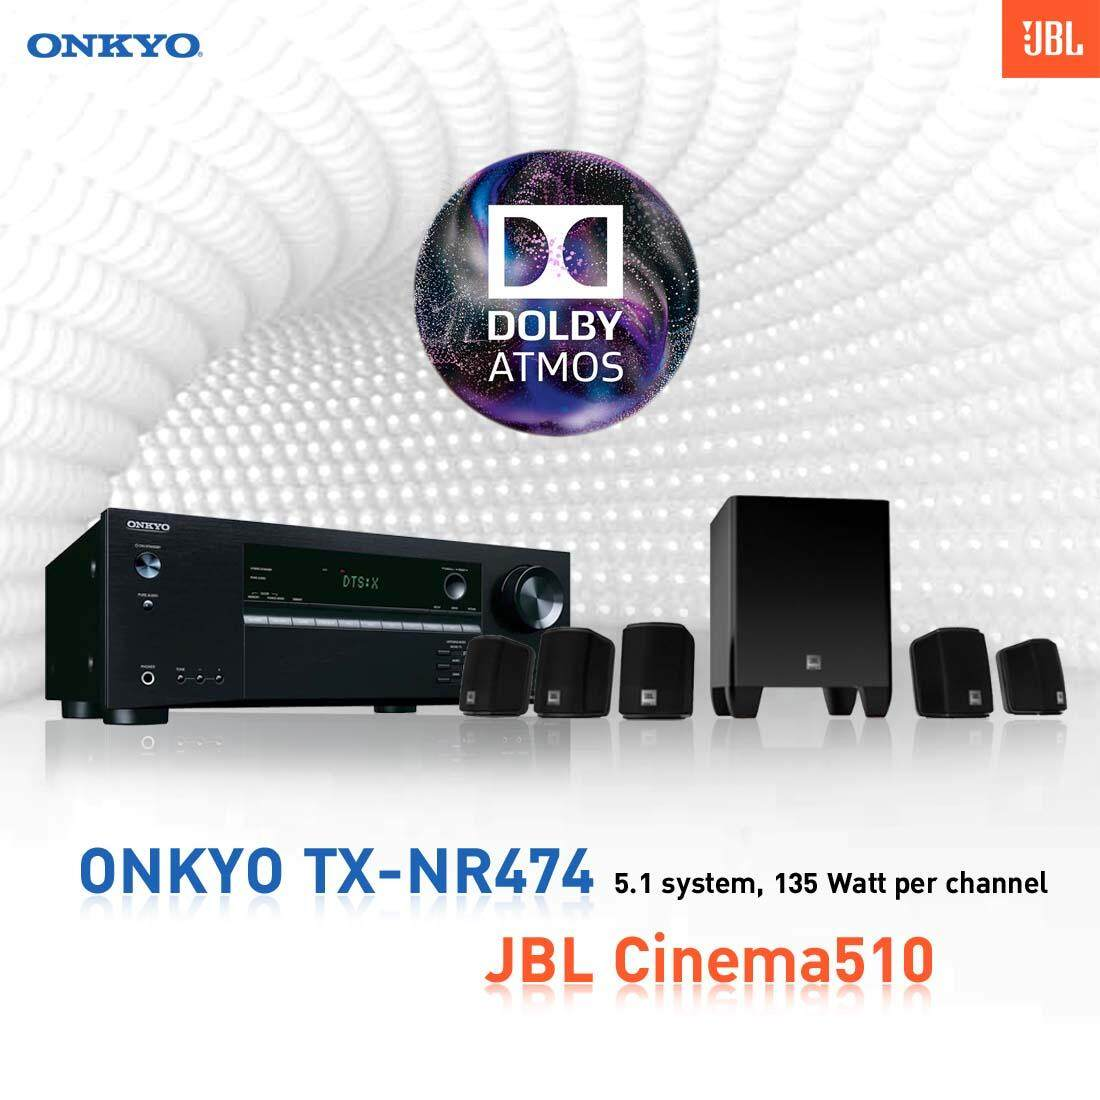 การใช้งาน  ราชบุรี ONKYO TXNR474 5.1-Channel Network A/V Receiver + JBL Cinema510 5.1 speaker system